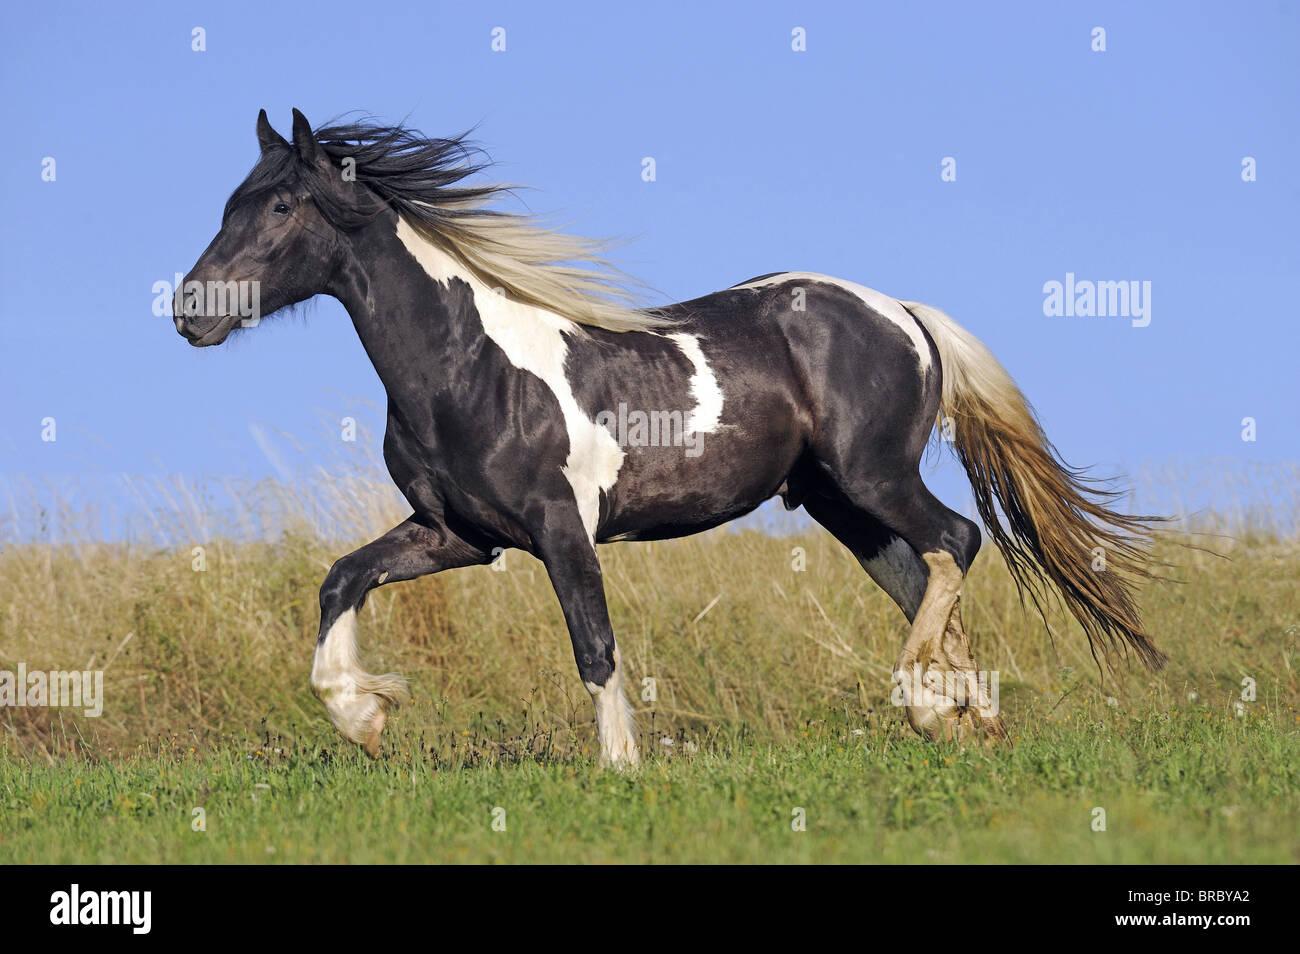 Gypsy Vanner Cavallo (Equus caballus ferus), Giovane stallone trotto su un prato. Immagini Stock